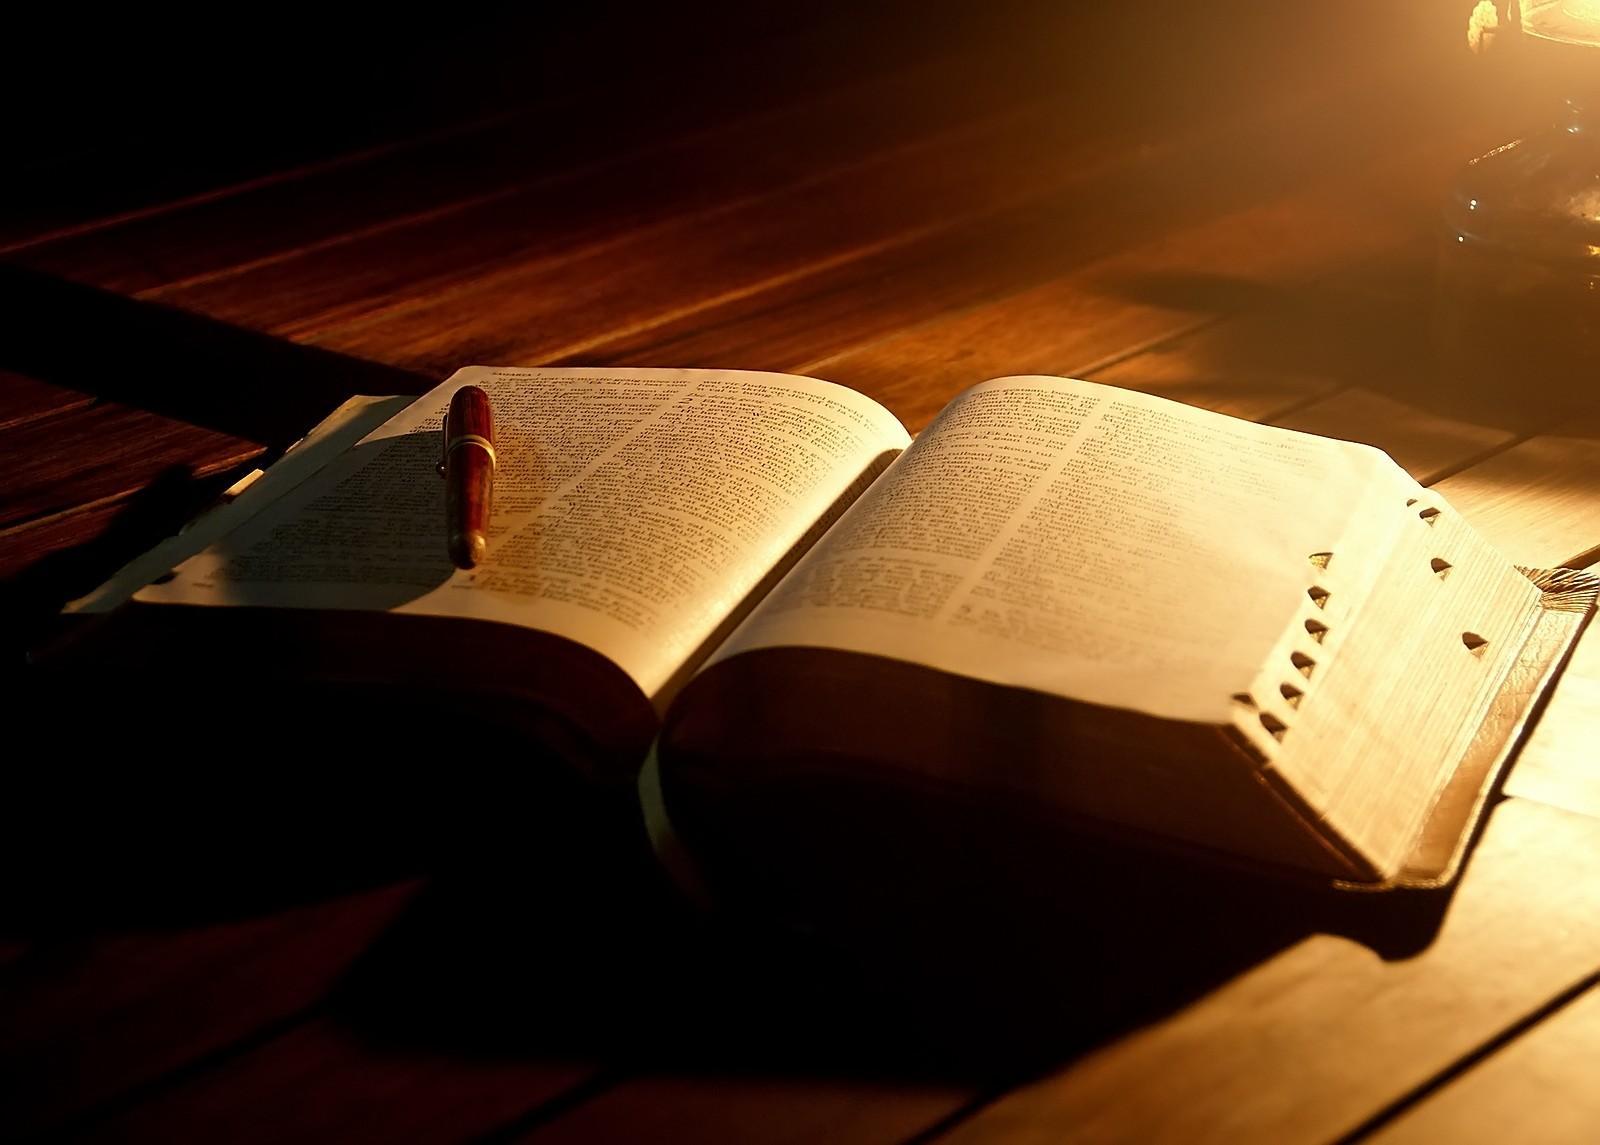 Bíblia - Revelação do sobrenatural